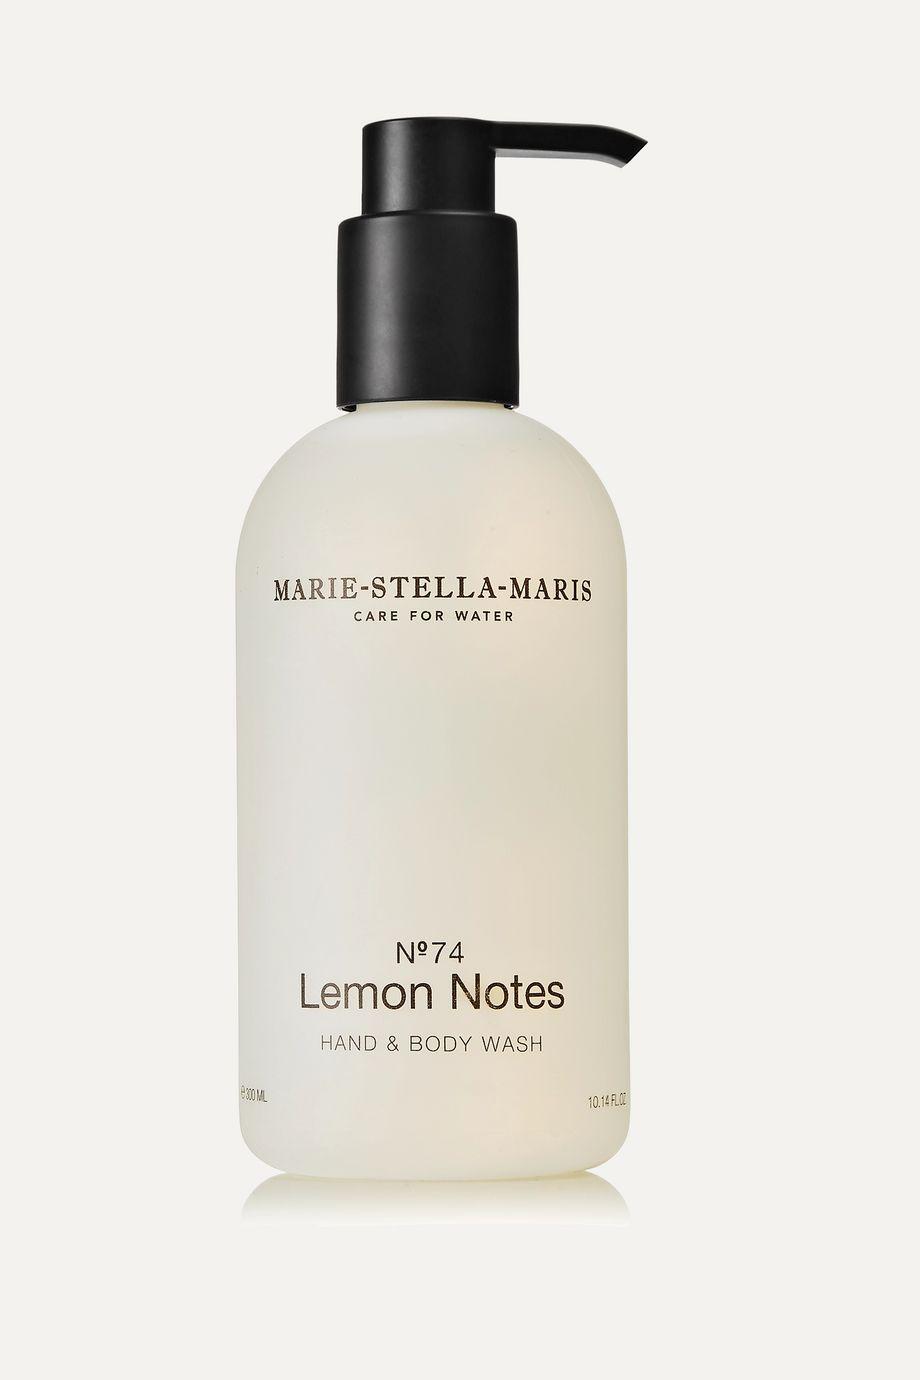 Marie-Stella-Maris Hand & Body Wash - Lemon Notes, 300 ml – Flüssigseife